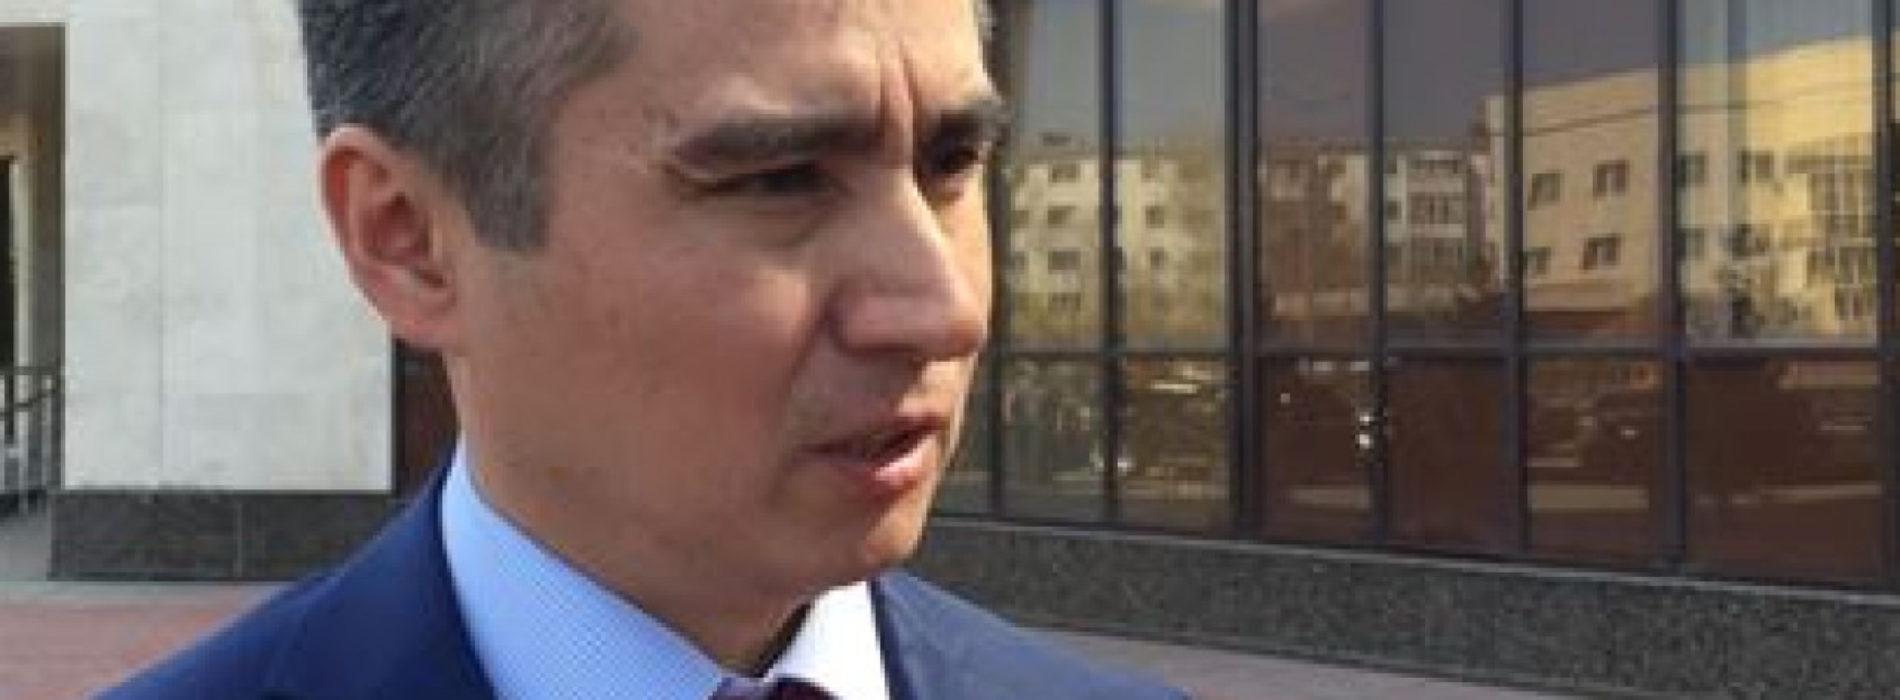 Задержание районного акима Нур-Султана подтвердили официально